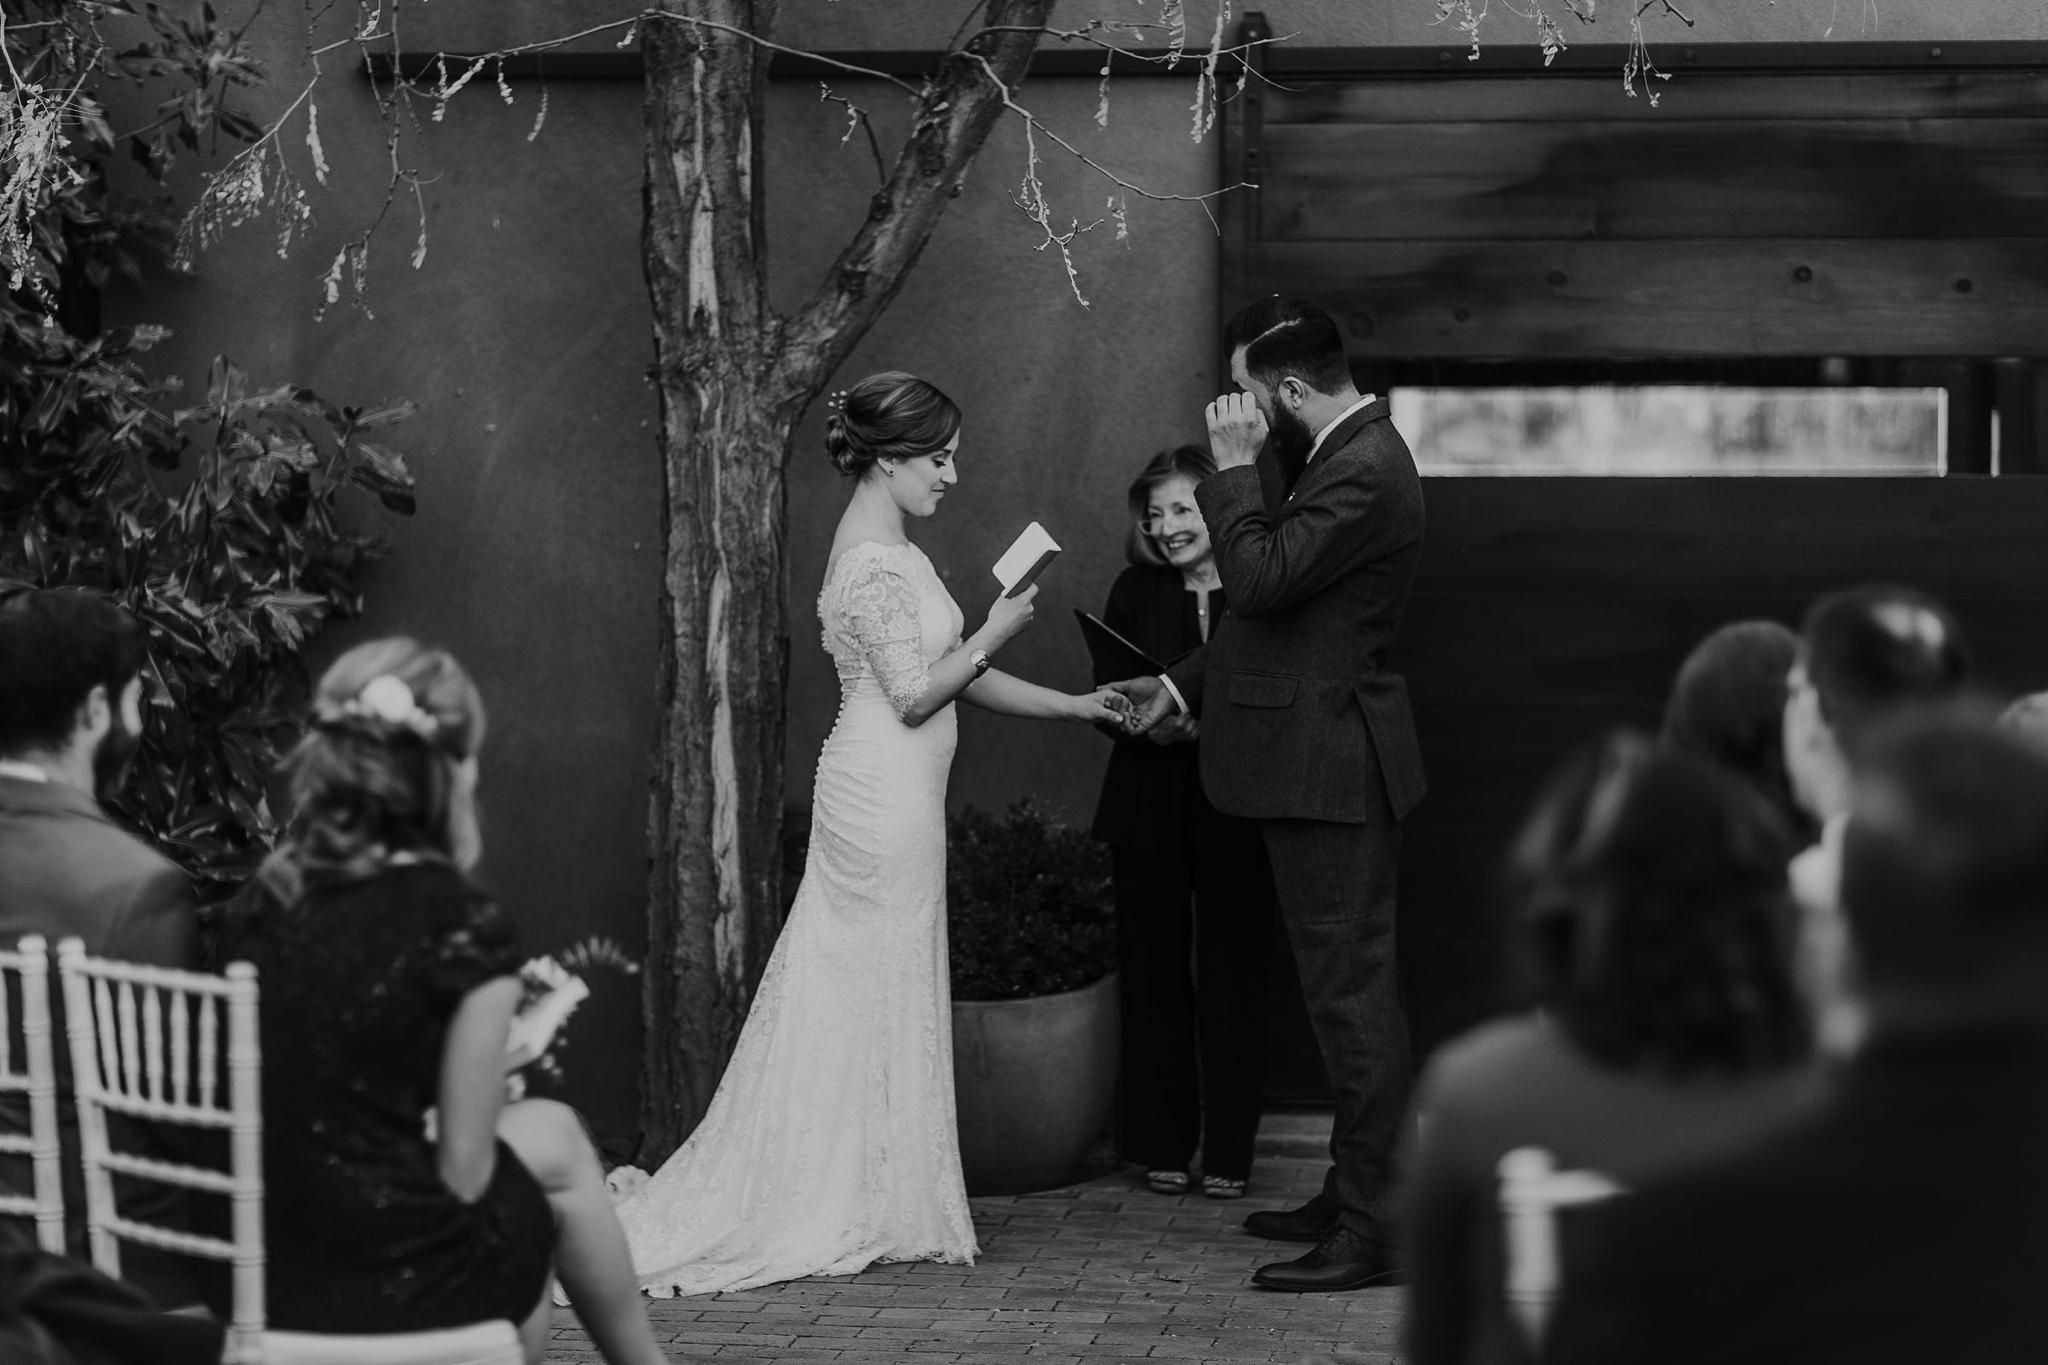 Alicia+lucia+photography+-+albuquerque+wedding+photographer+-+santa+fe+wedding+photography+-+new+mexico+wedding+photographer+-+new+mexico+wedding+-+wedding+vows+-+writing+your+own+vows+-+wedding+inspo_0020.jpg